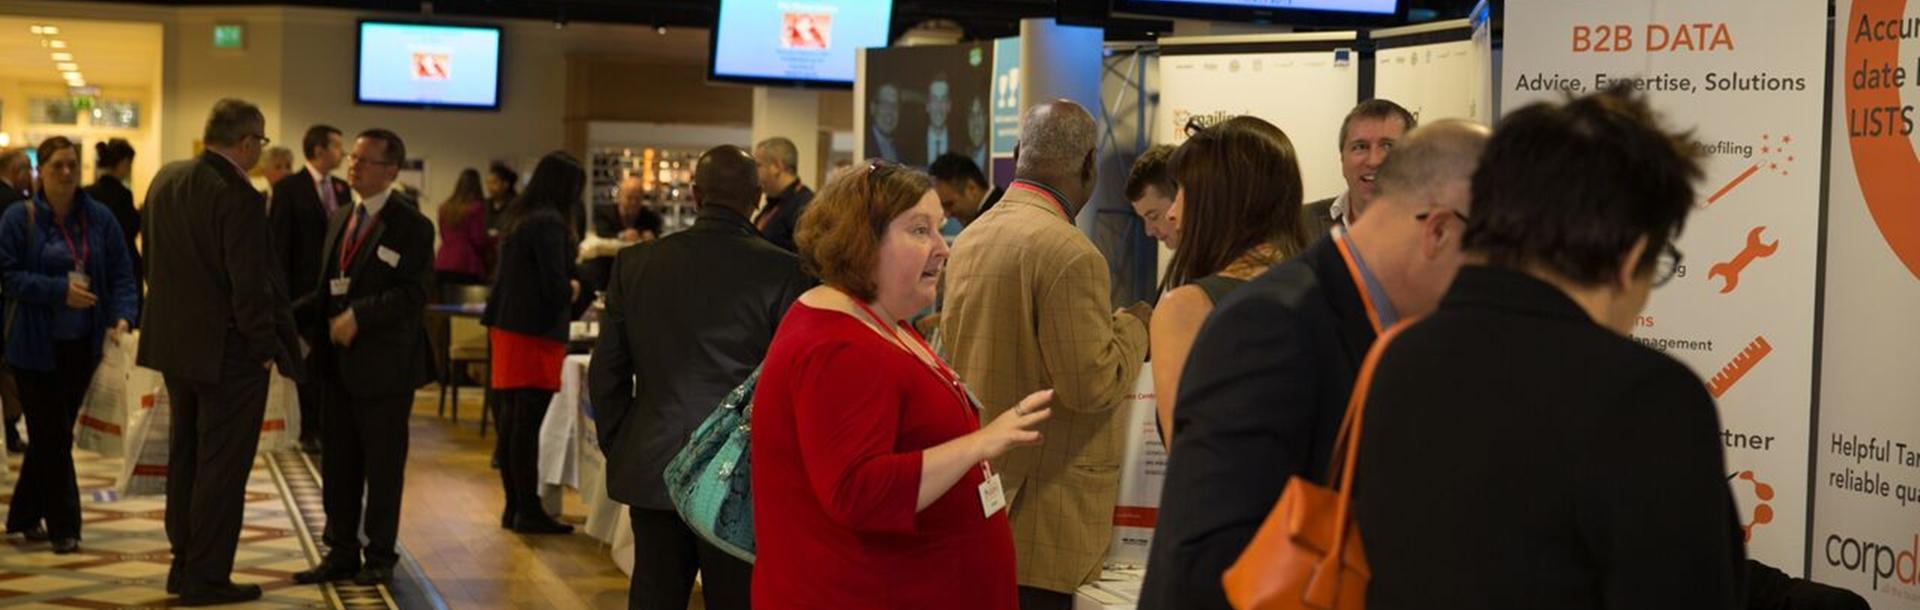 Midlands Expo Birmingham